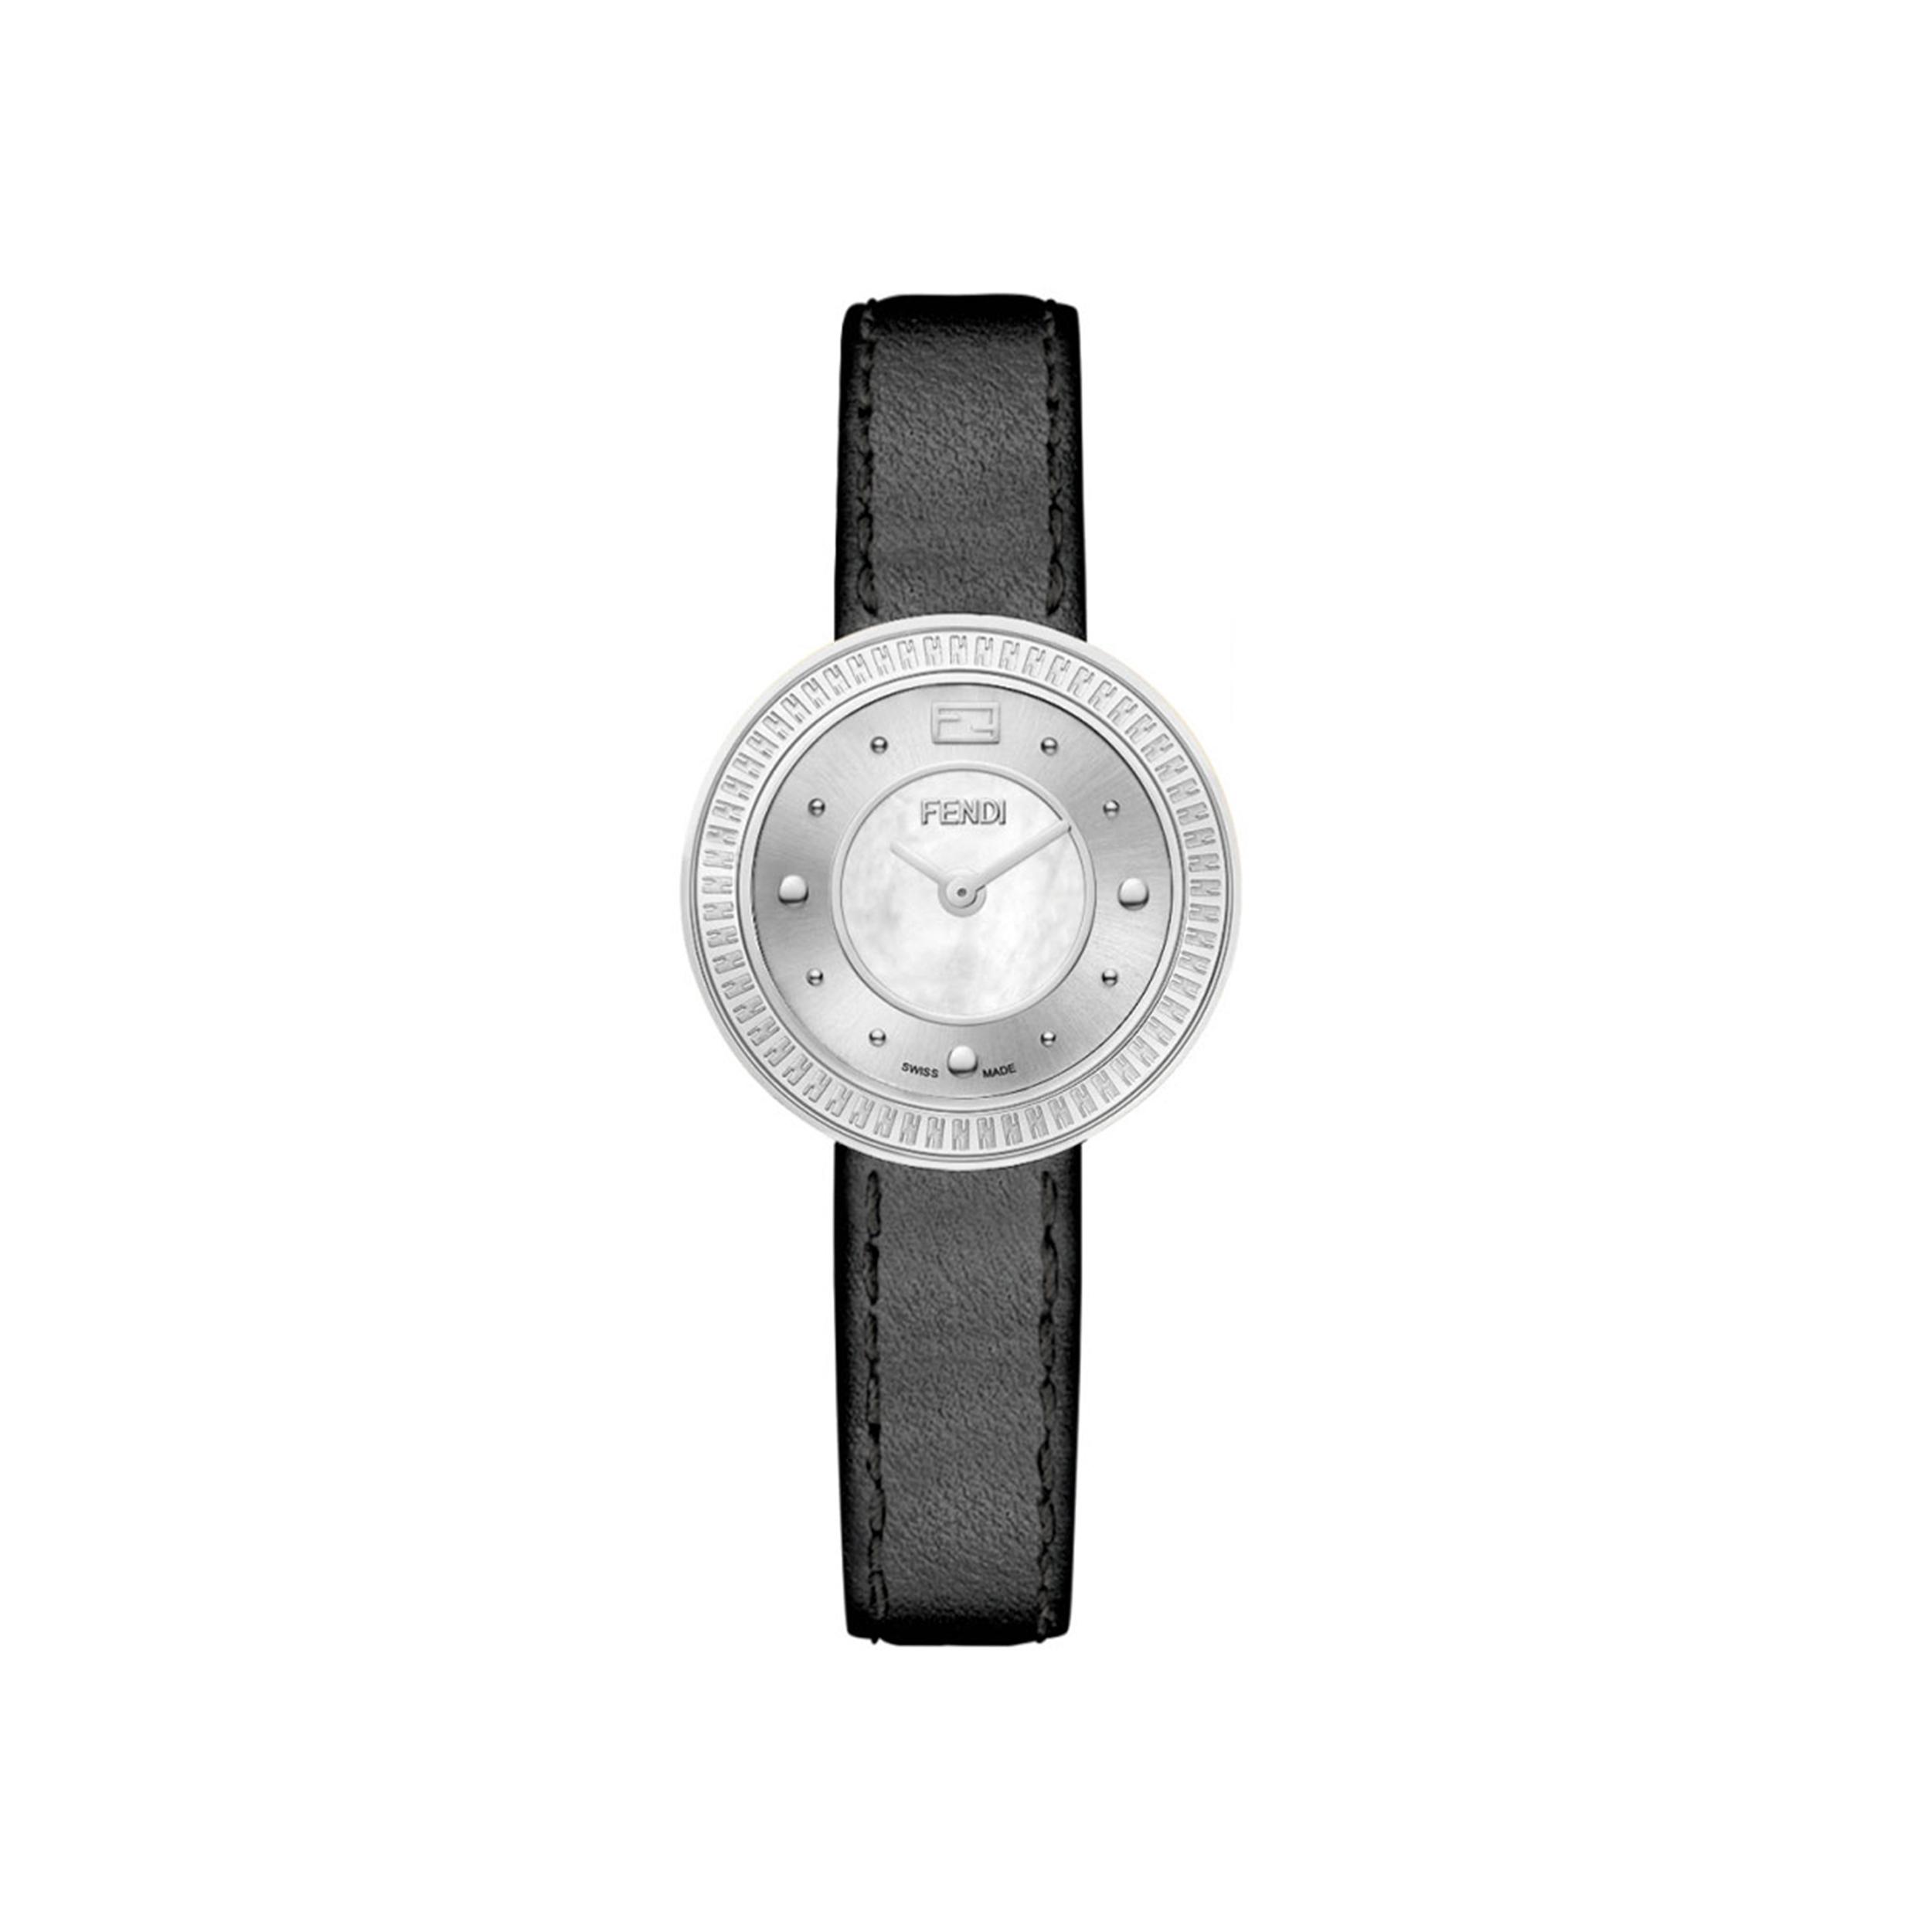 ساعت مچی عقربه ای زنانه فندی مدل F370024511 53